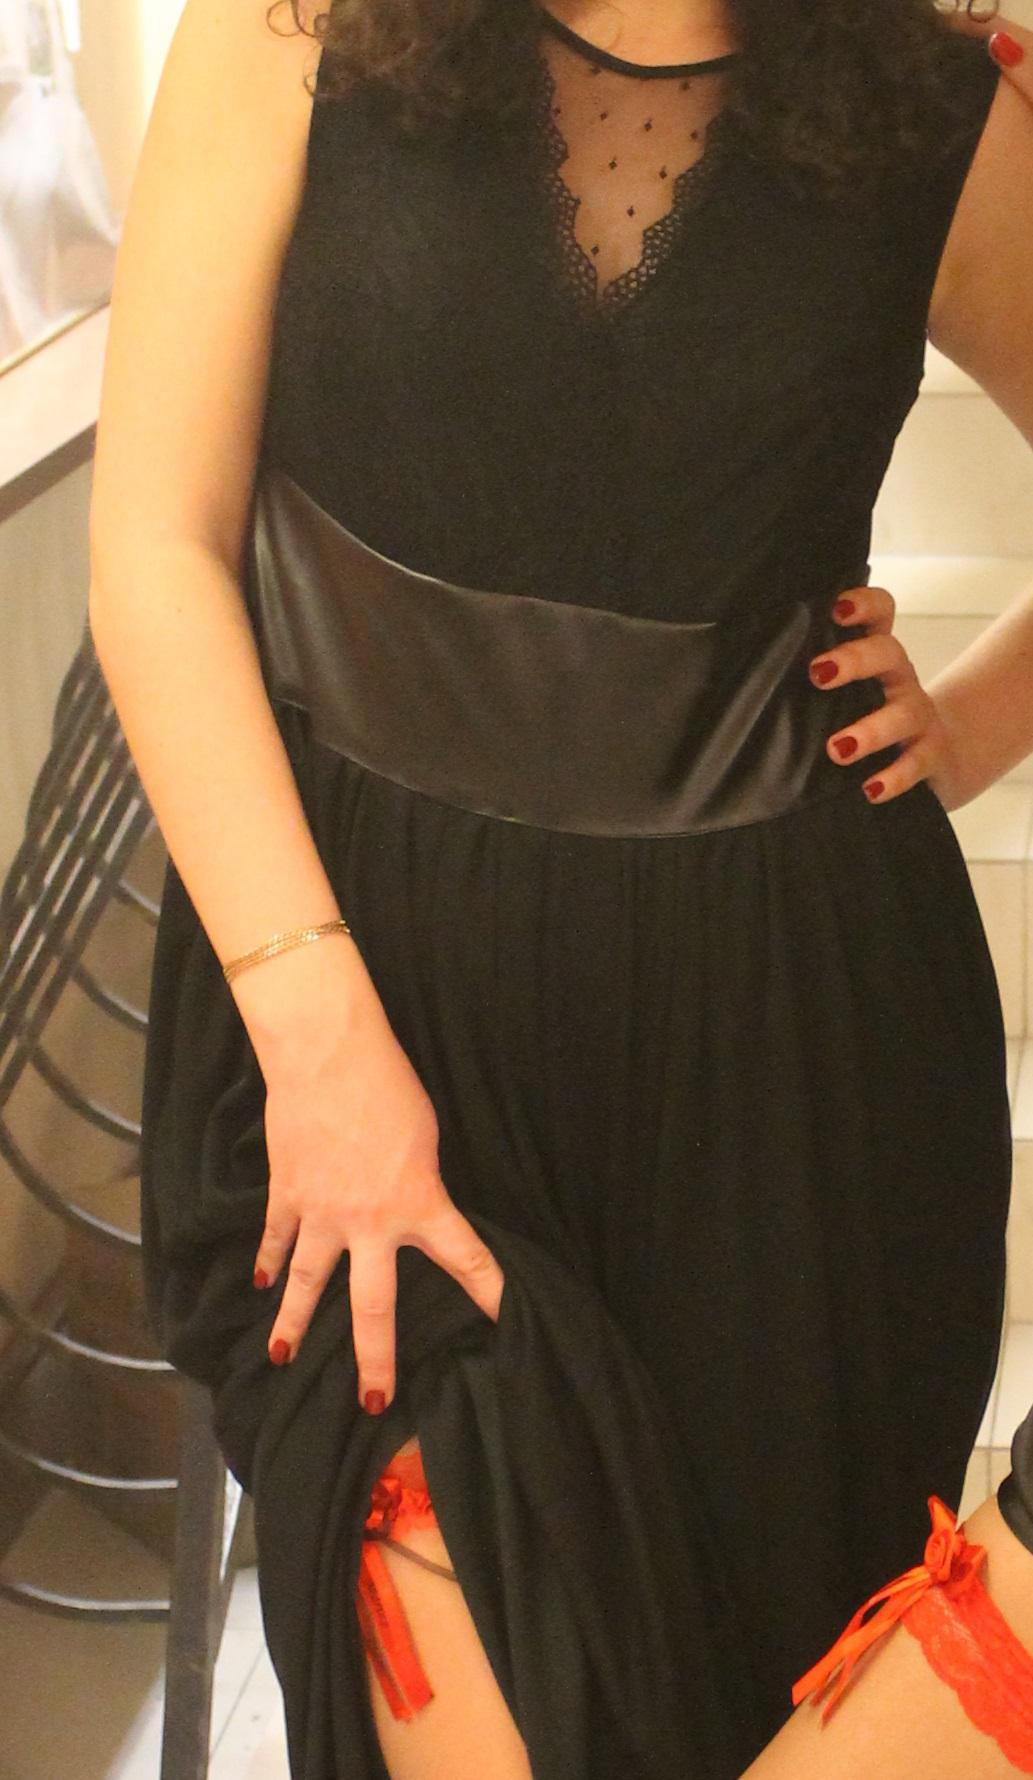 d7c74c6a05 Czarna suknia H M maxi elegancka studniówka ba - 7118710228 ...